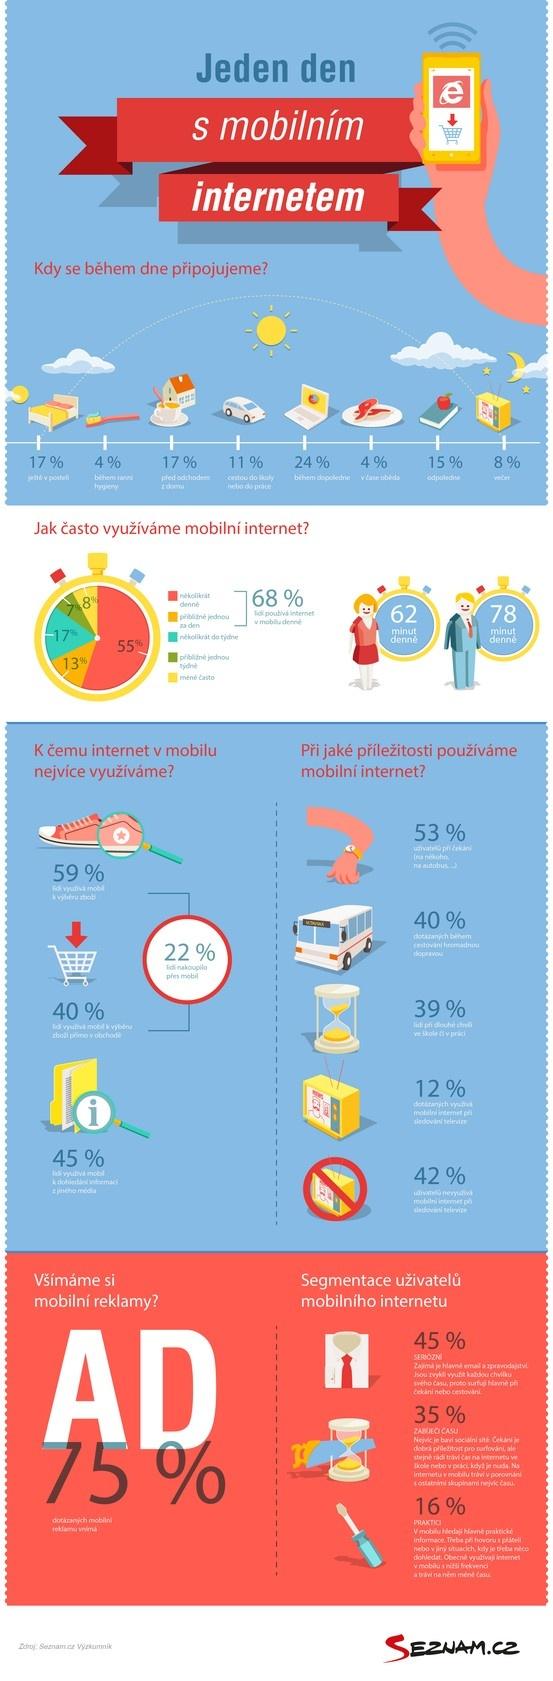 Jak lidé používají mobilní zařízení? #infographics #mobile #internet